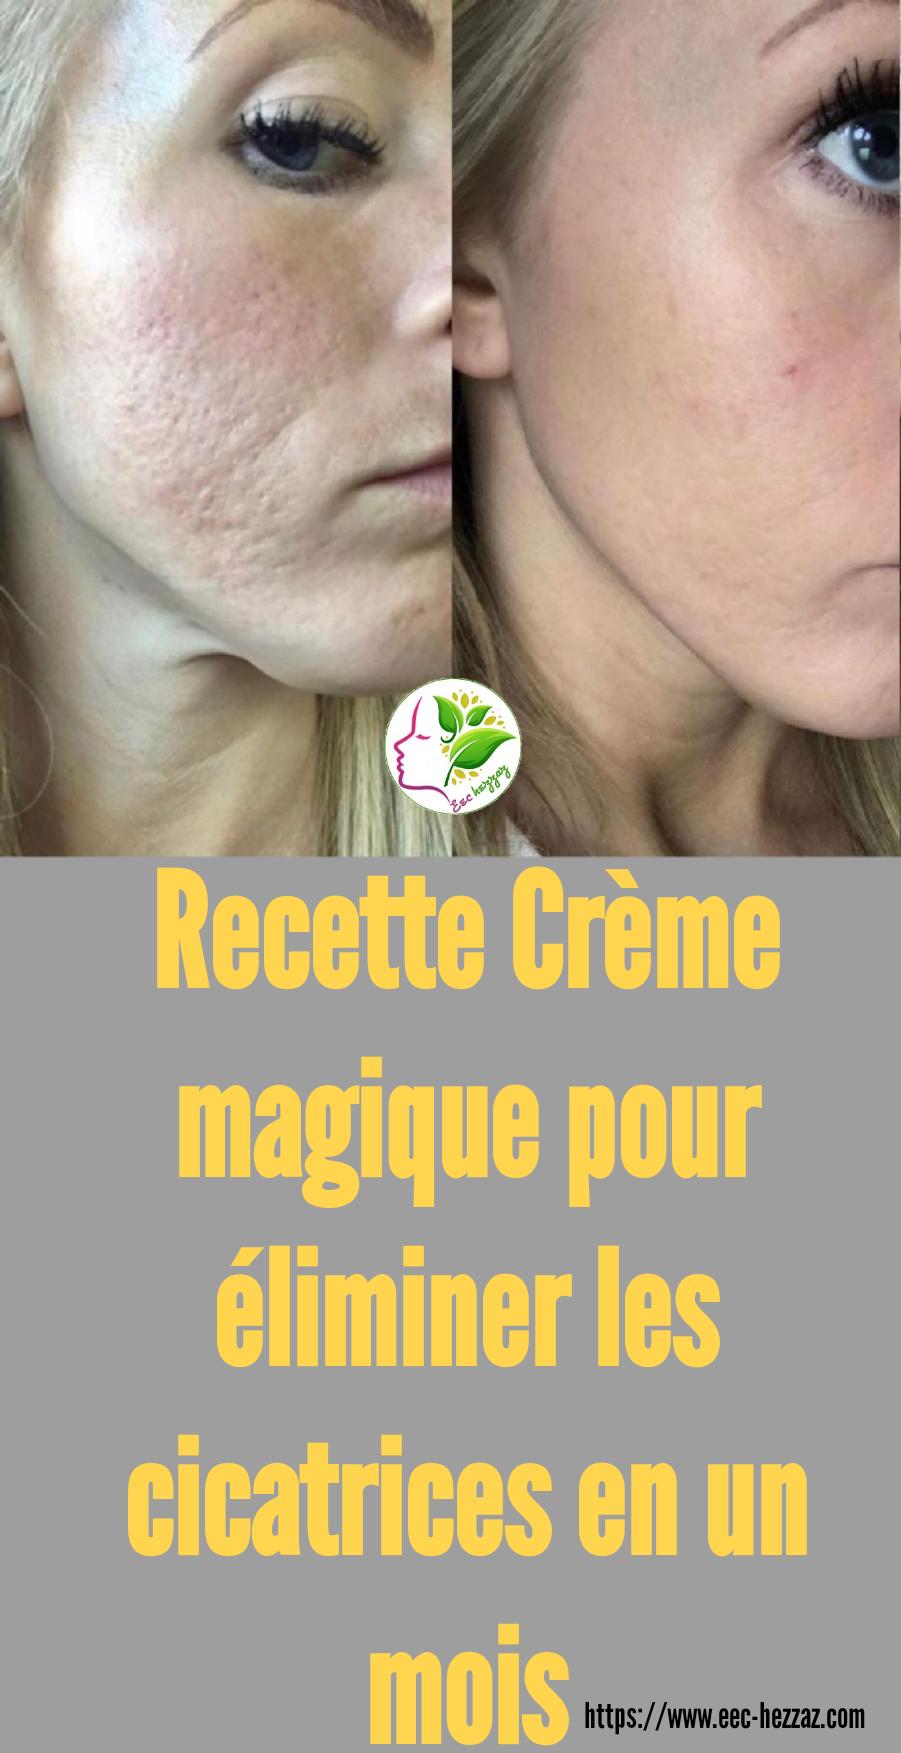 Recette Crème magique pour éliminer les cicatrices en un mois